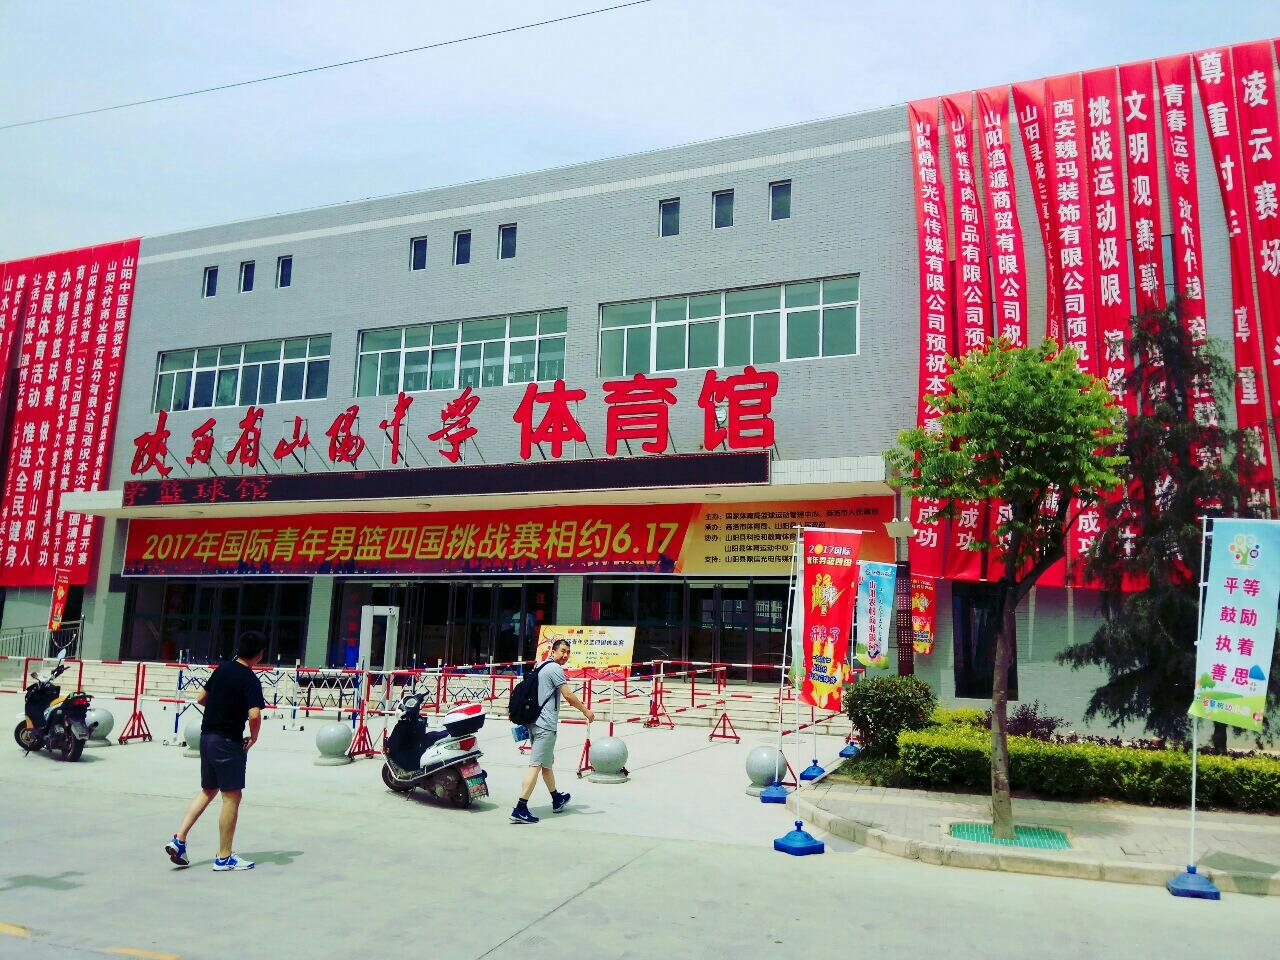 山阳县中某老师的《我站在讲台上慢慢老去》